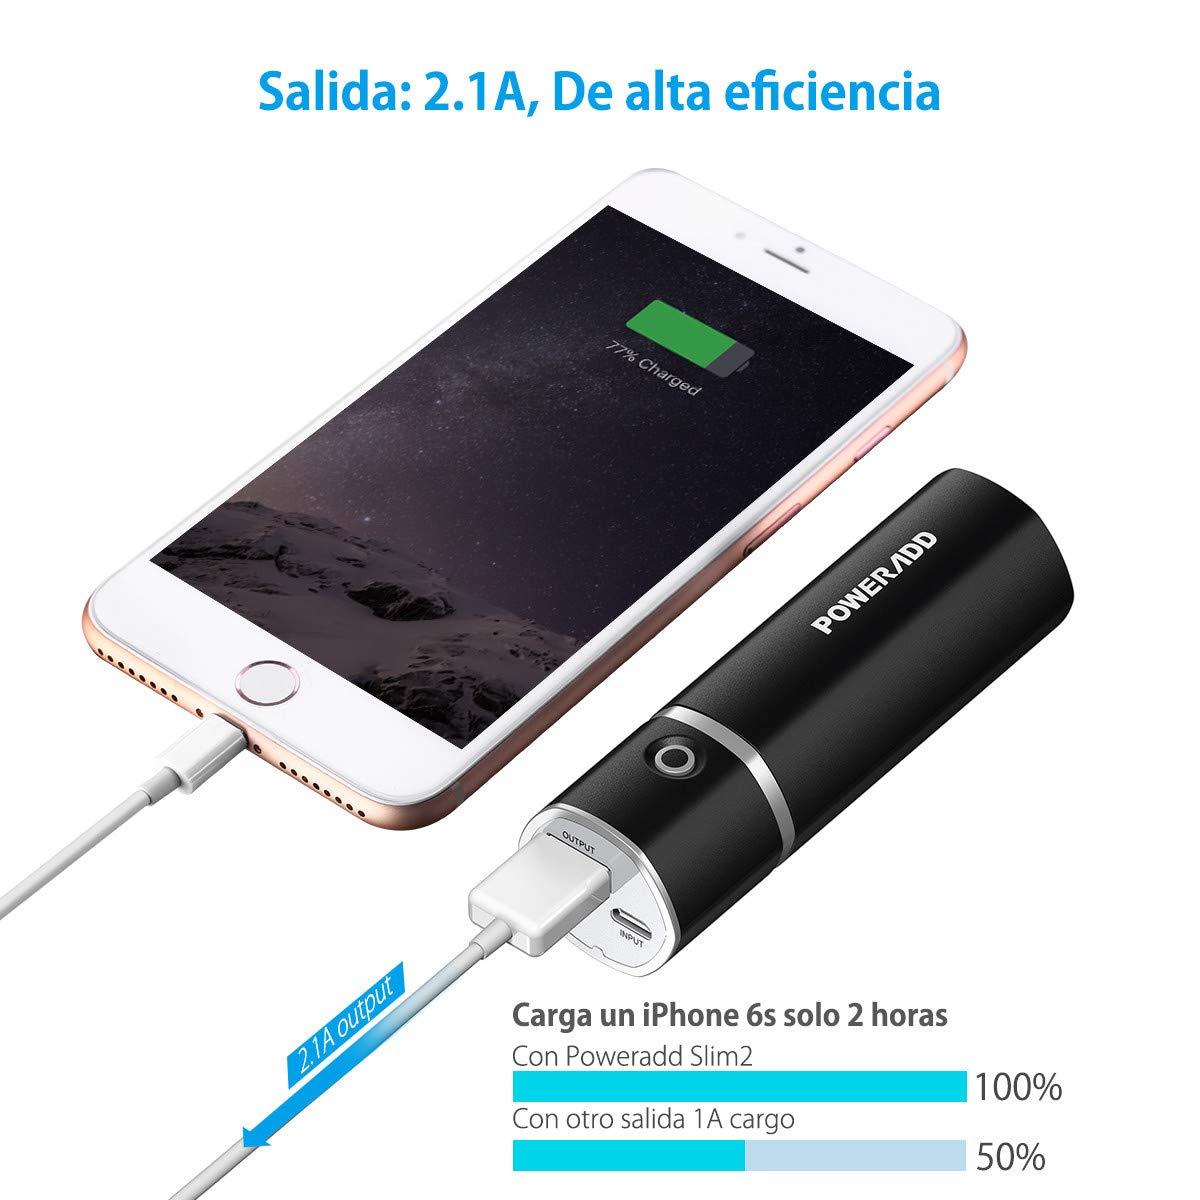 POWERADD Slim2 de 5000mAh Power Bank Cargador Móvil Portátil Batería Externa para iPhone, iPad Samsung Huawei Xiaomi Dispositivos Android y Más: Amazon.es: ...